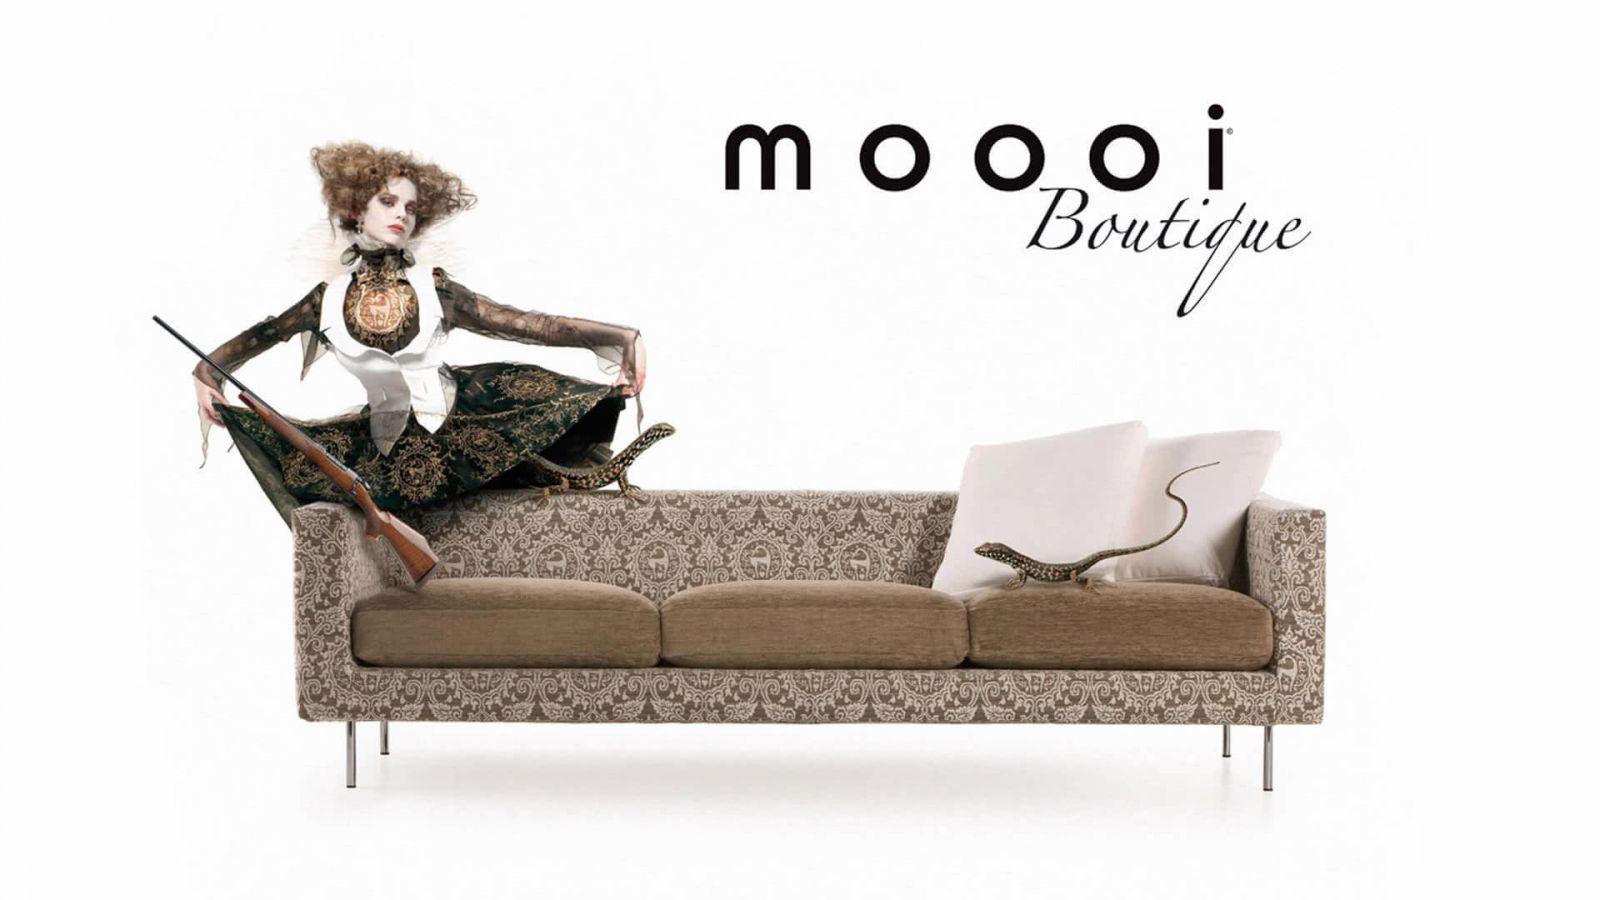 MOOOI создает впечатляющие коллекции мебели и предметы интерьера